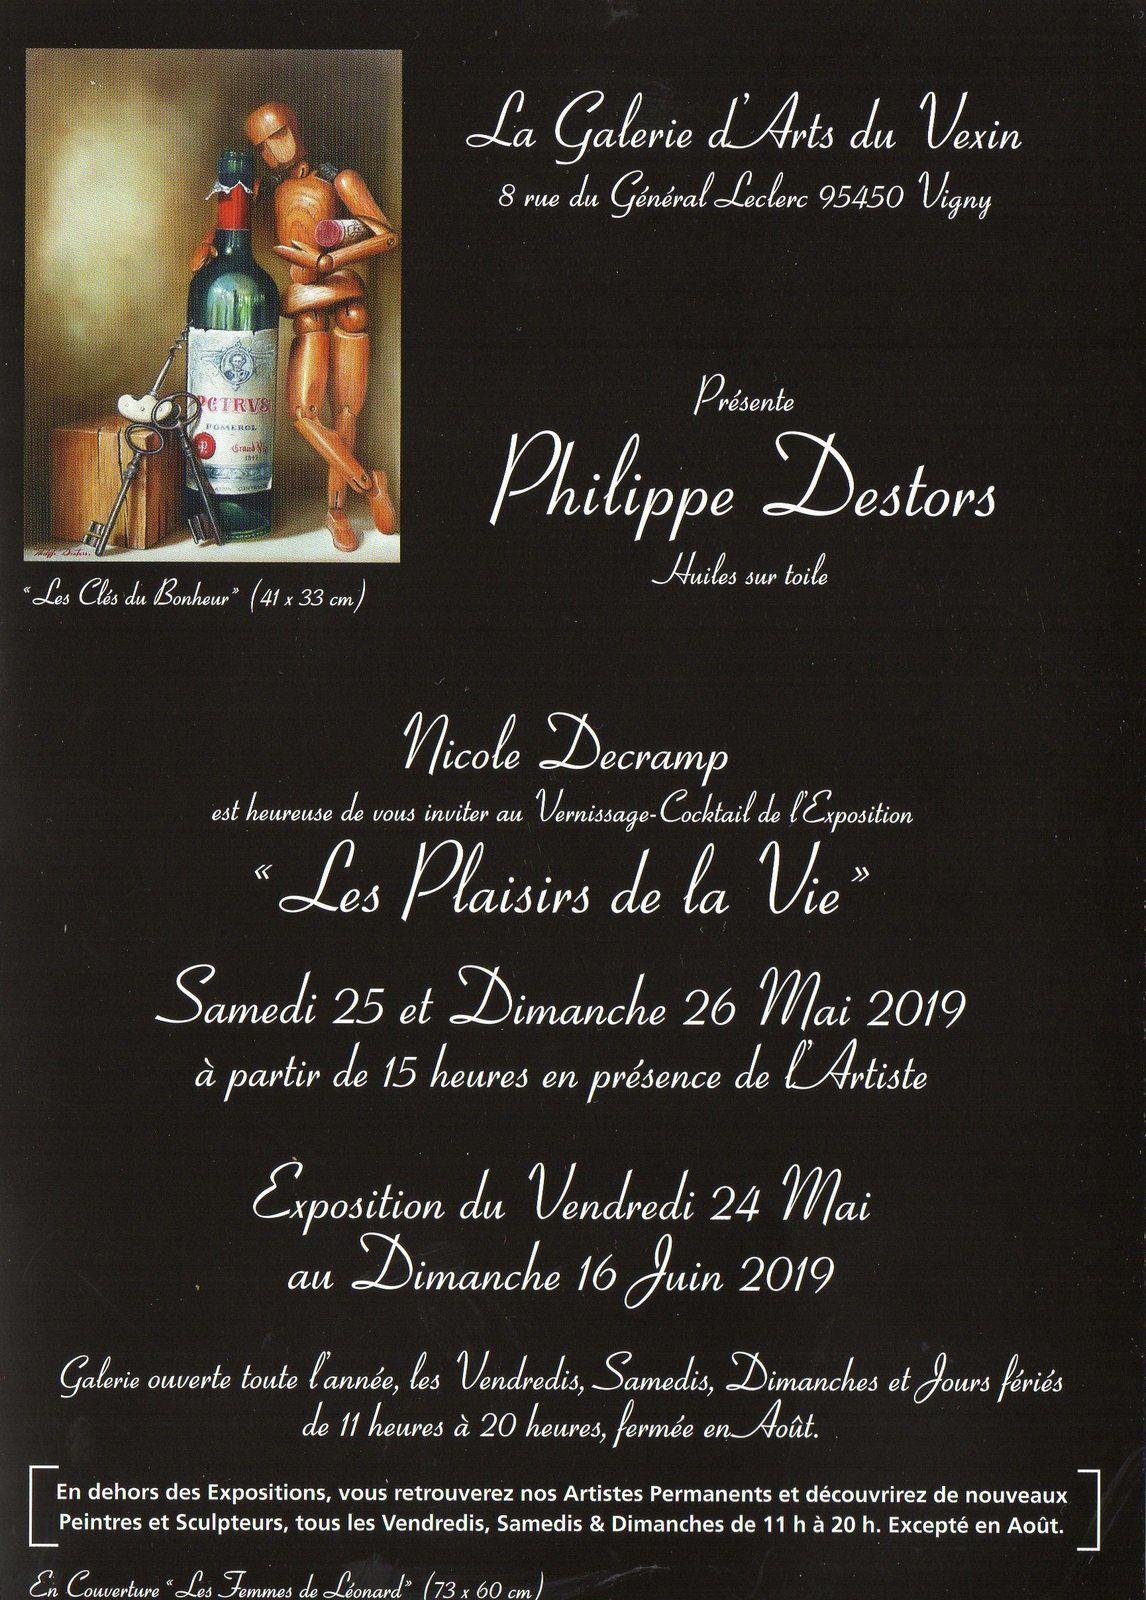 Exposition Philippe Destors à la Galerie du Vexin